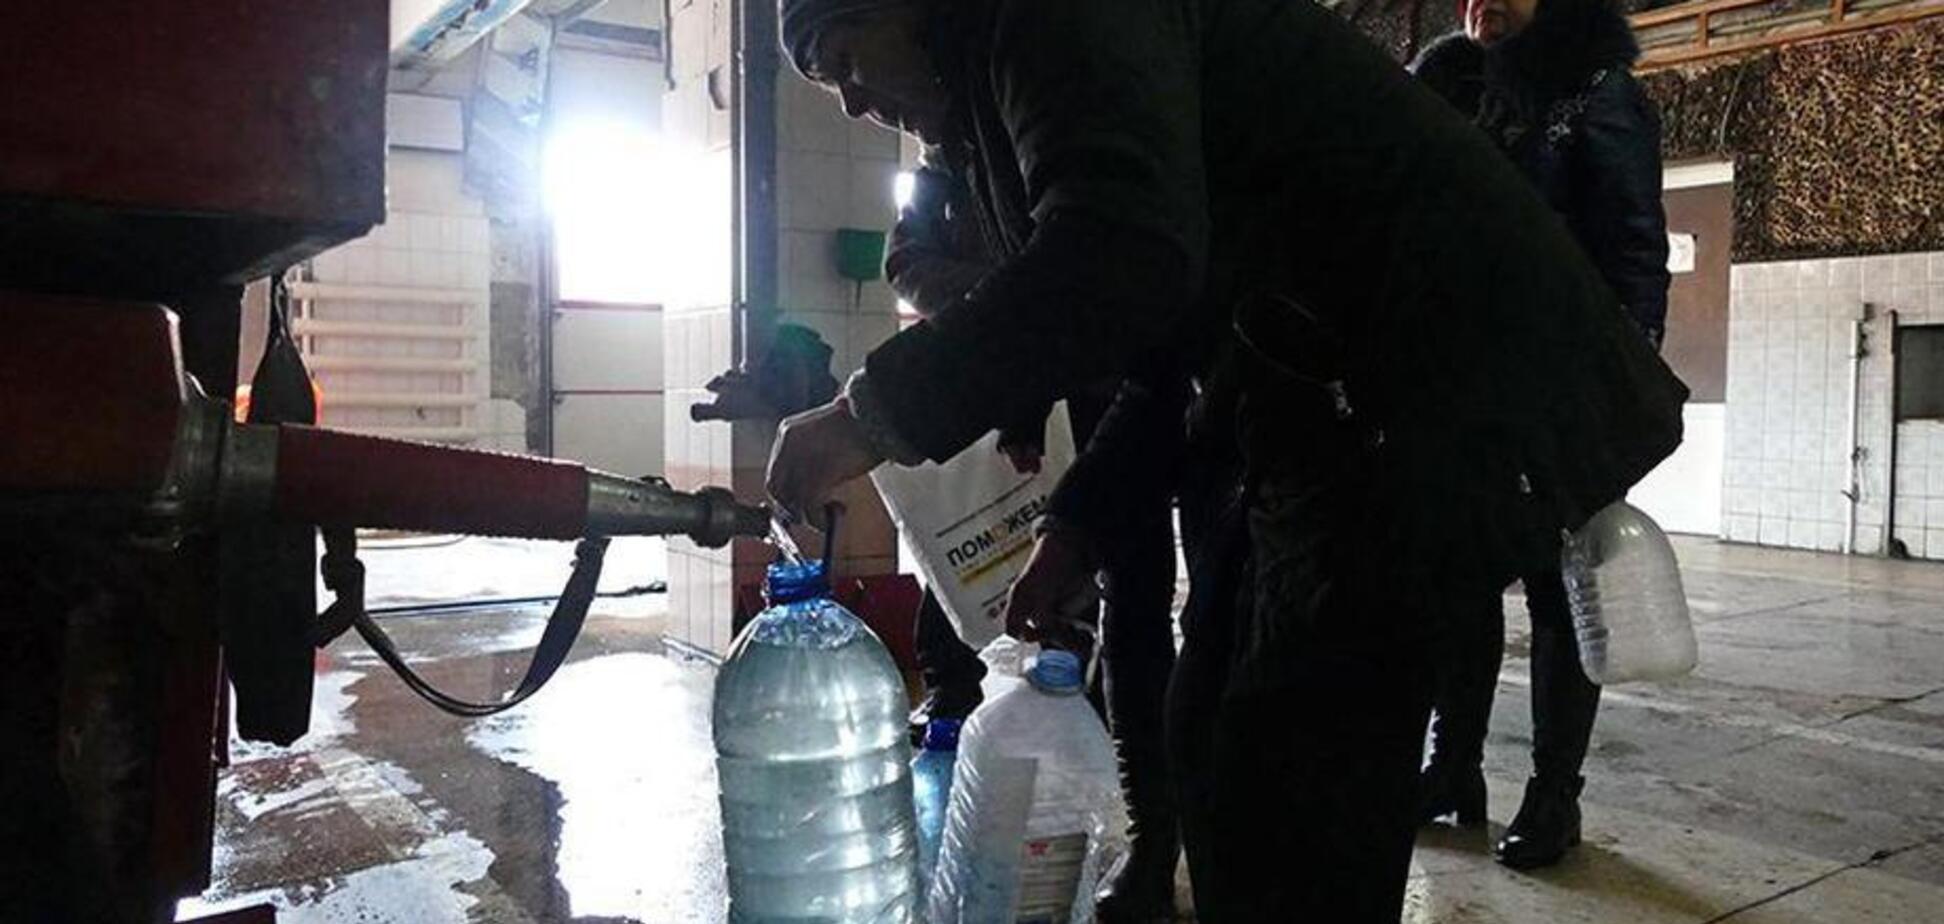 Україна припинила подачу води 'ЛНР': стало відомо, що чекає місцевих жителів